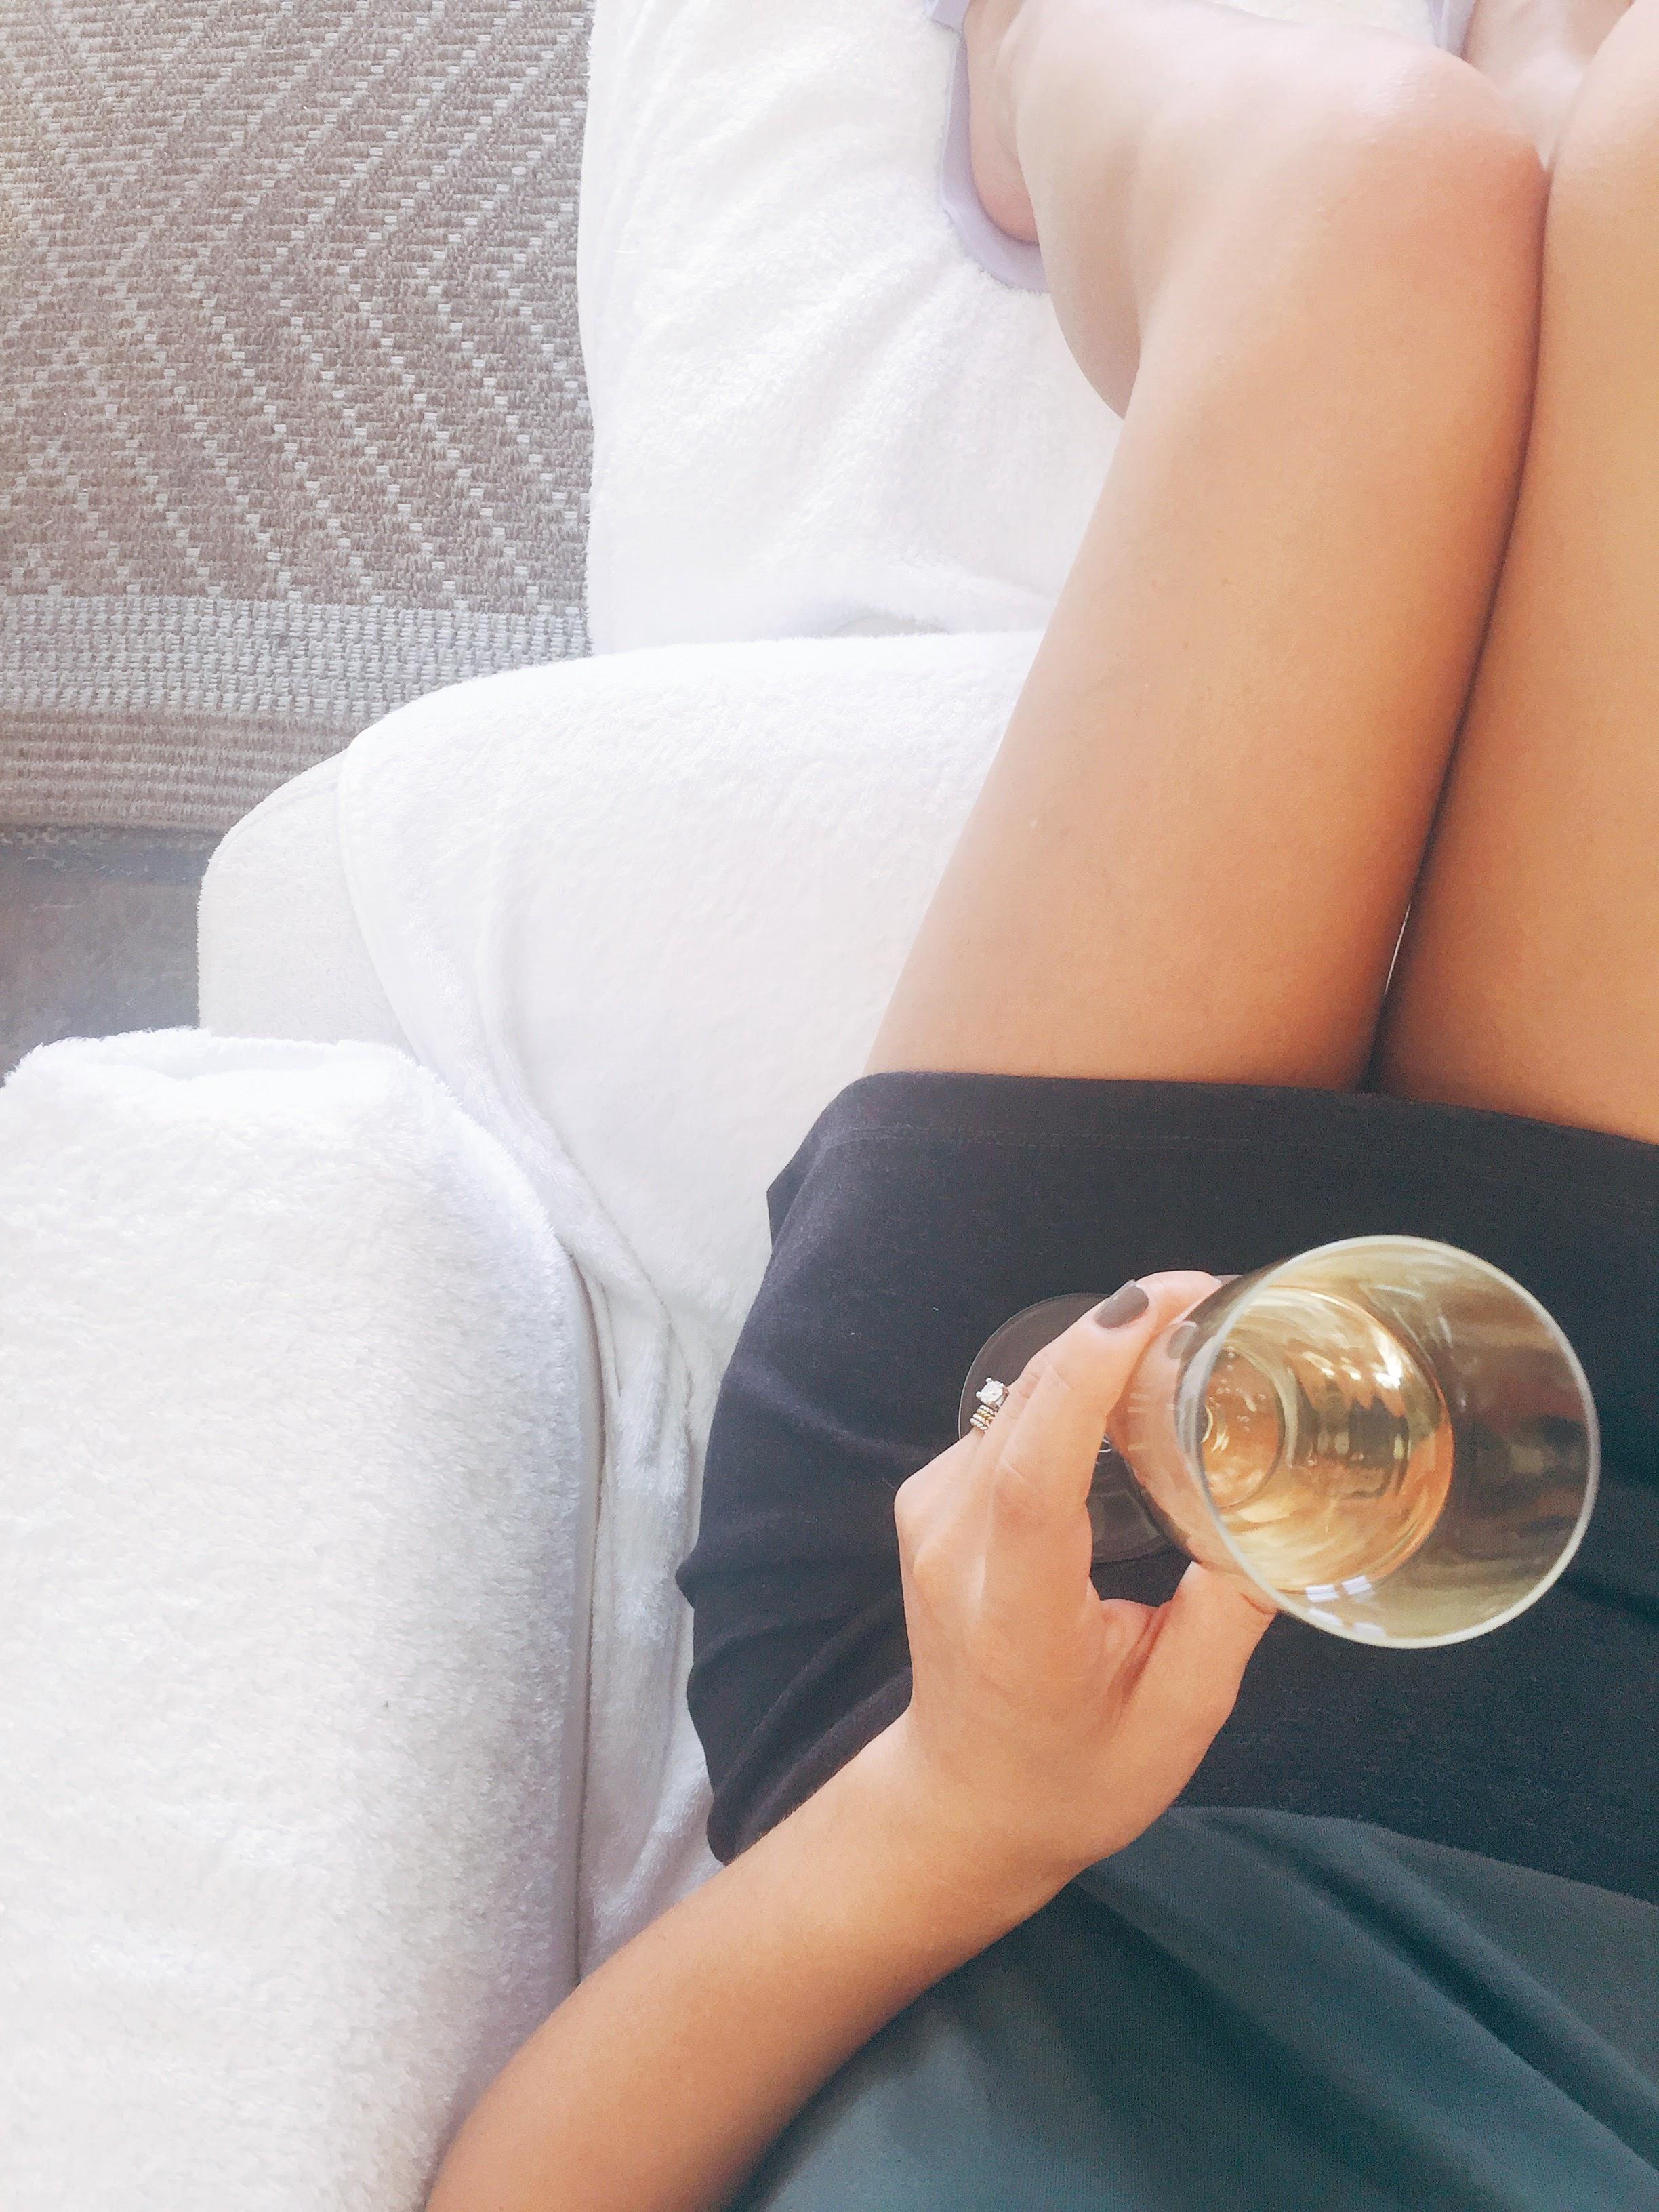 Champagne and a mani pedi.